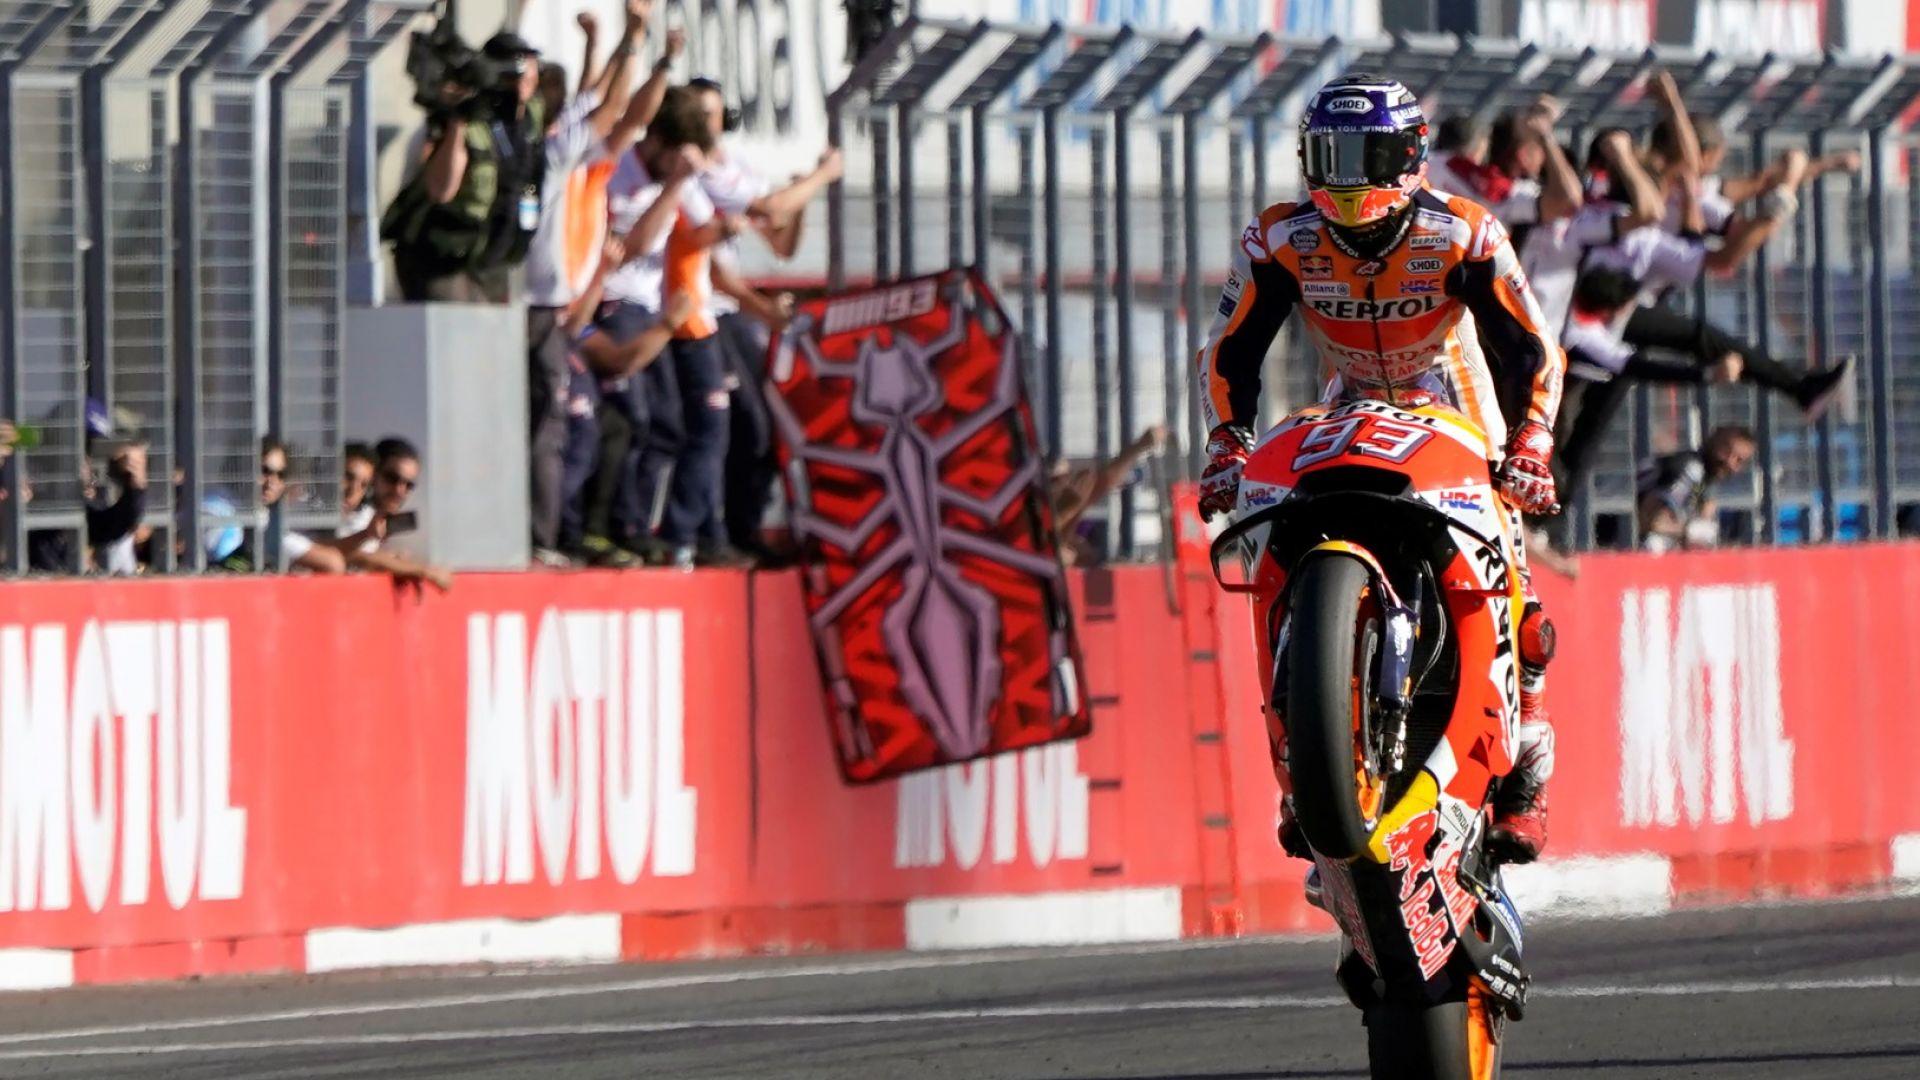 Шампионът в Moto GP се контузи при празненствата